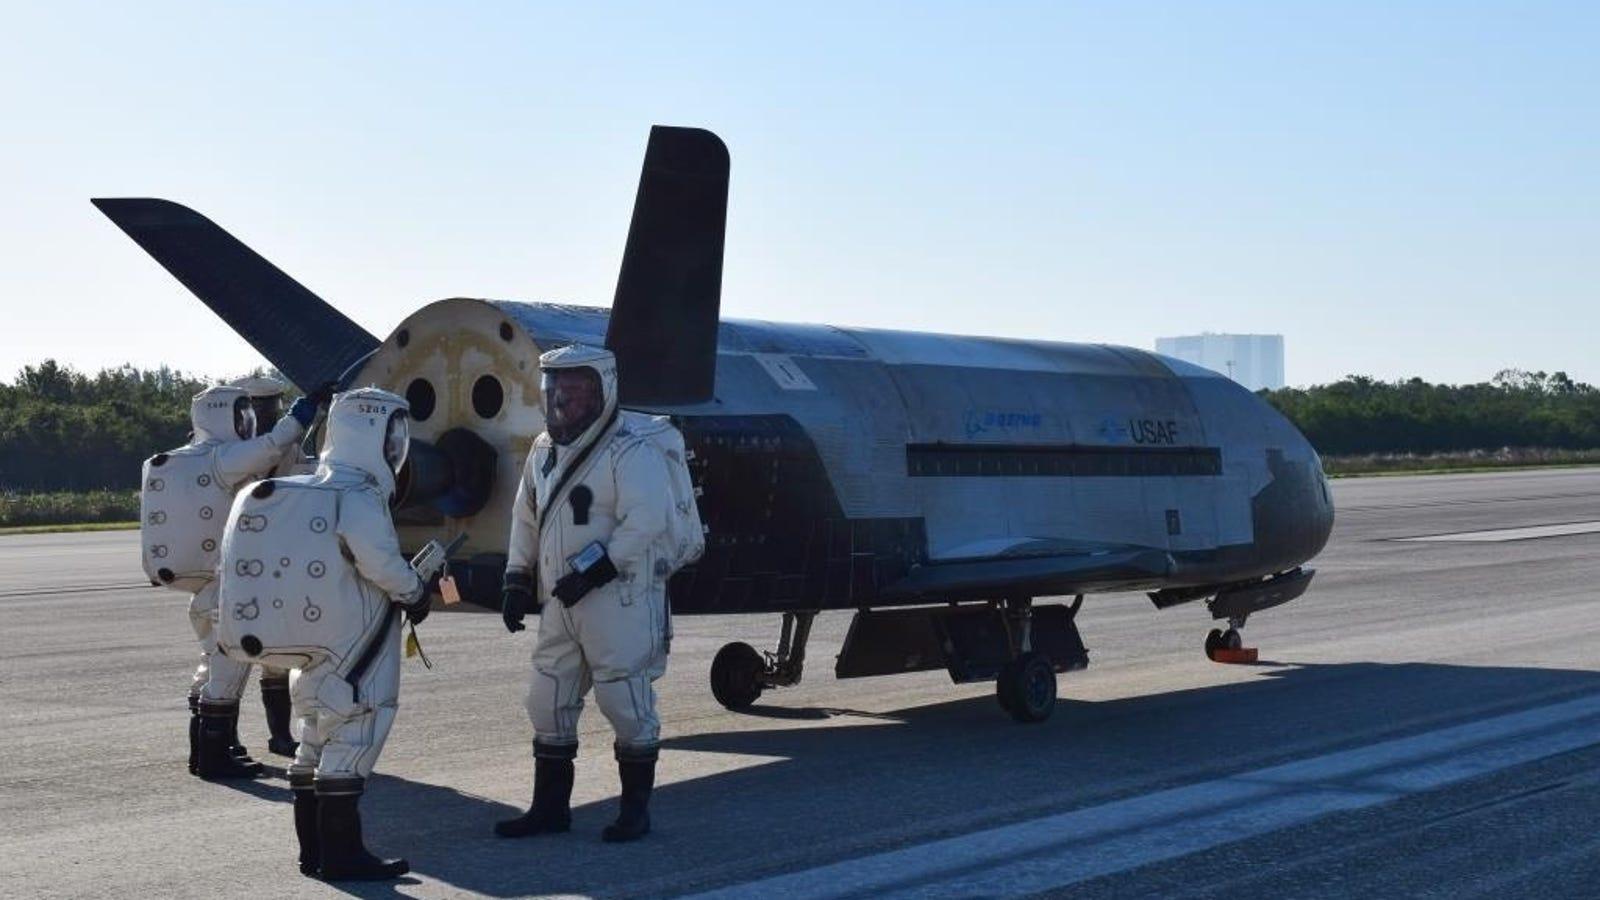 La nave más enigmática de Estados Unidos regresa a la Tierra tras una misión secreta de dos años en el espacio